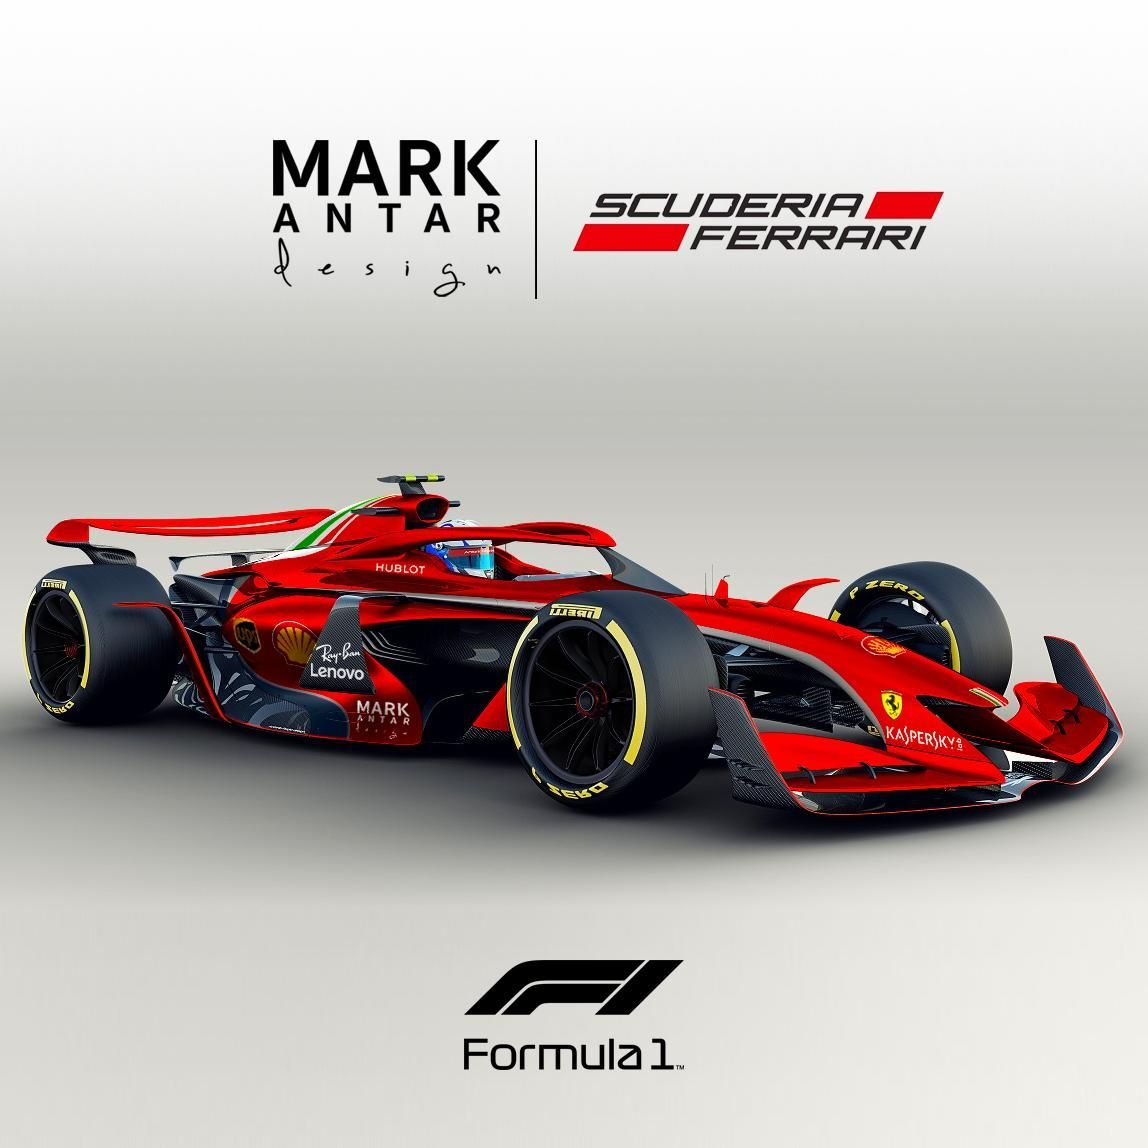 Ferrari 2021 F1 Configurations In 2020 Ferrari Ferrari F1 Formula 1 Car